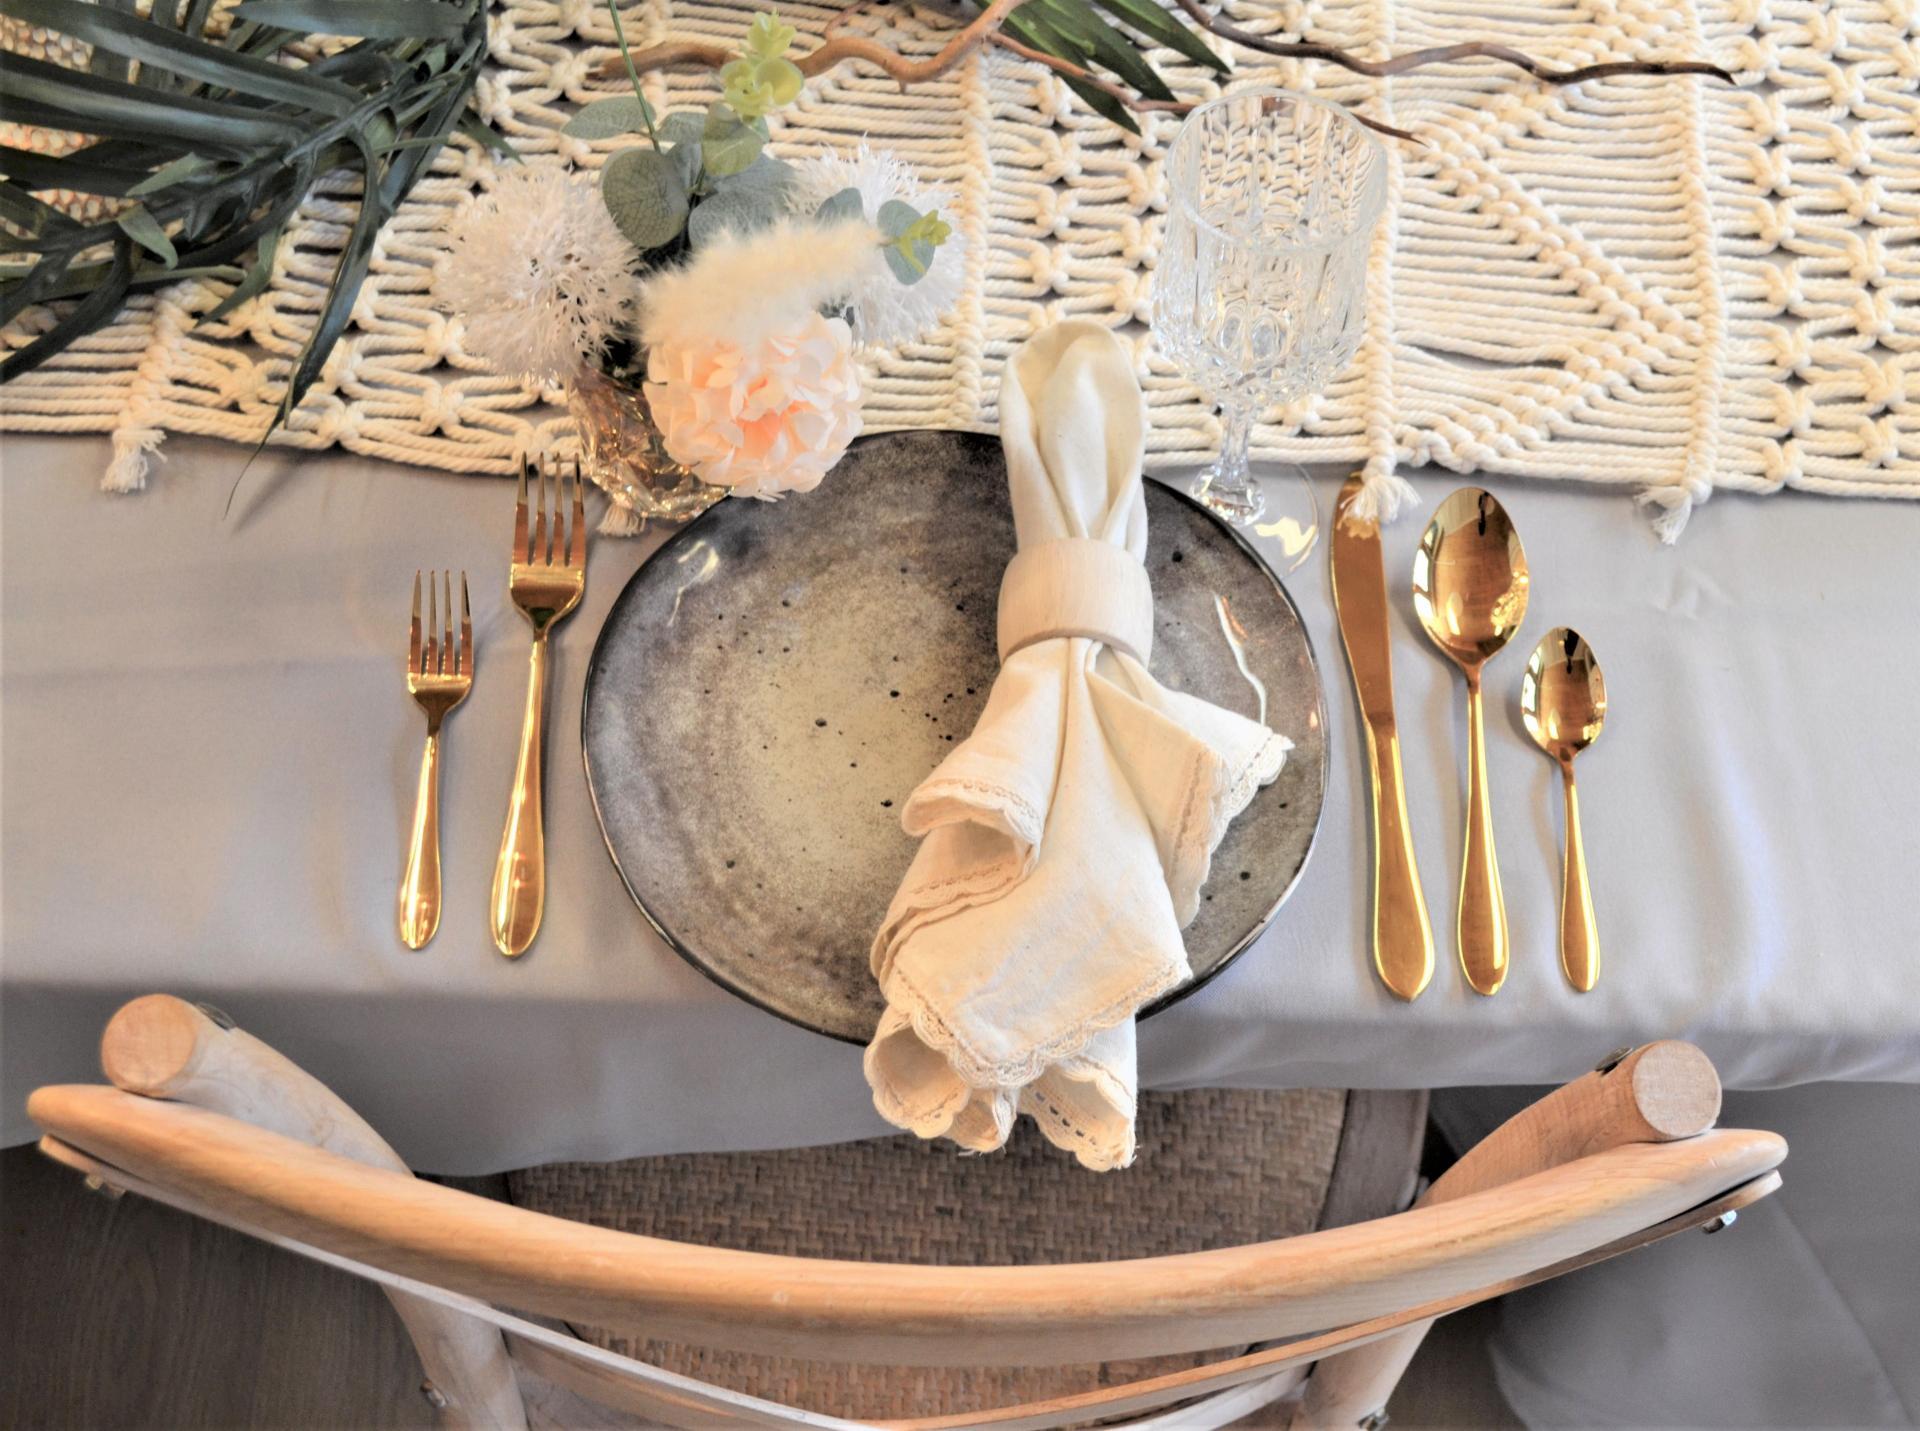 Location valais Cuisine vaiselle mobilier